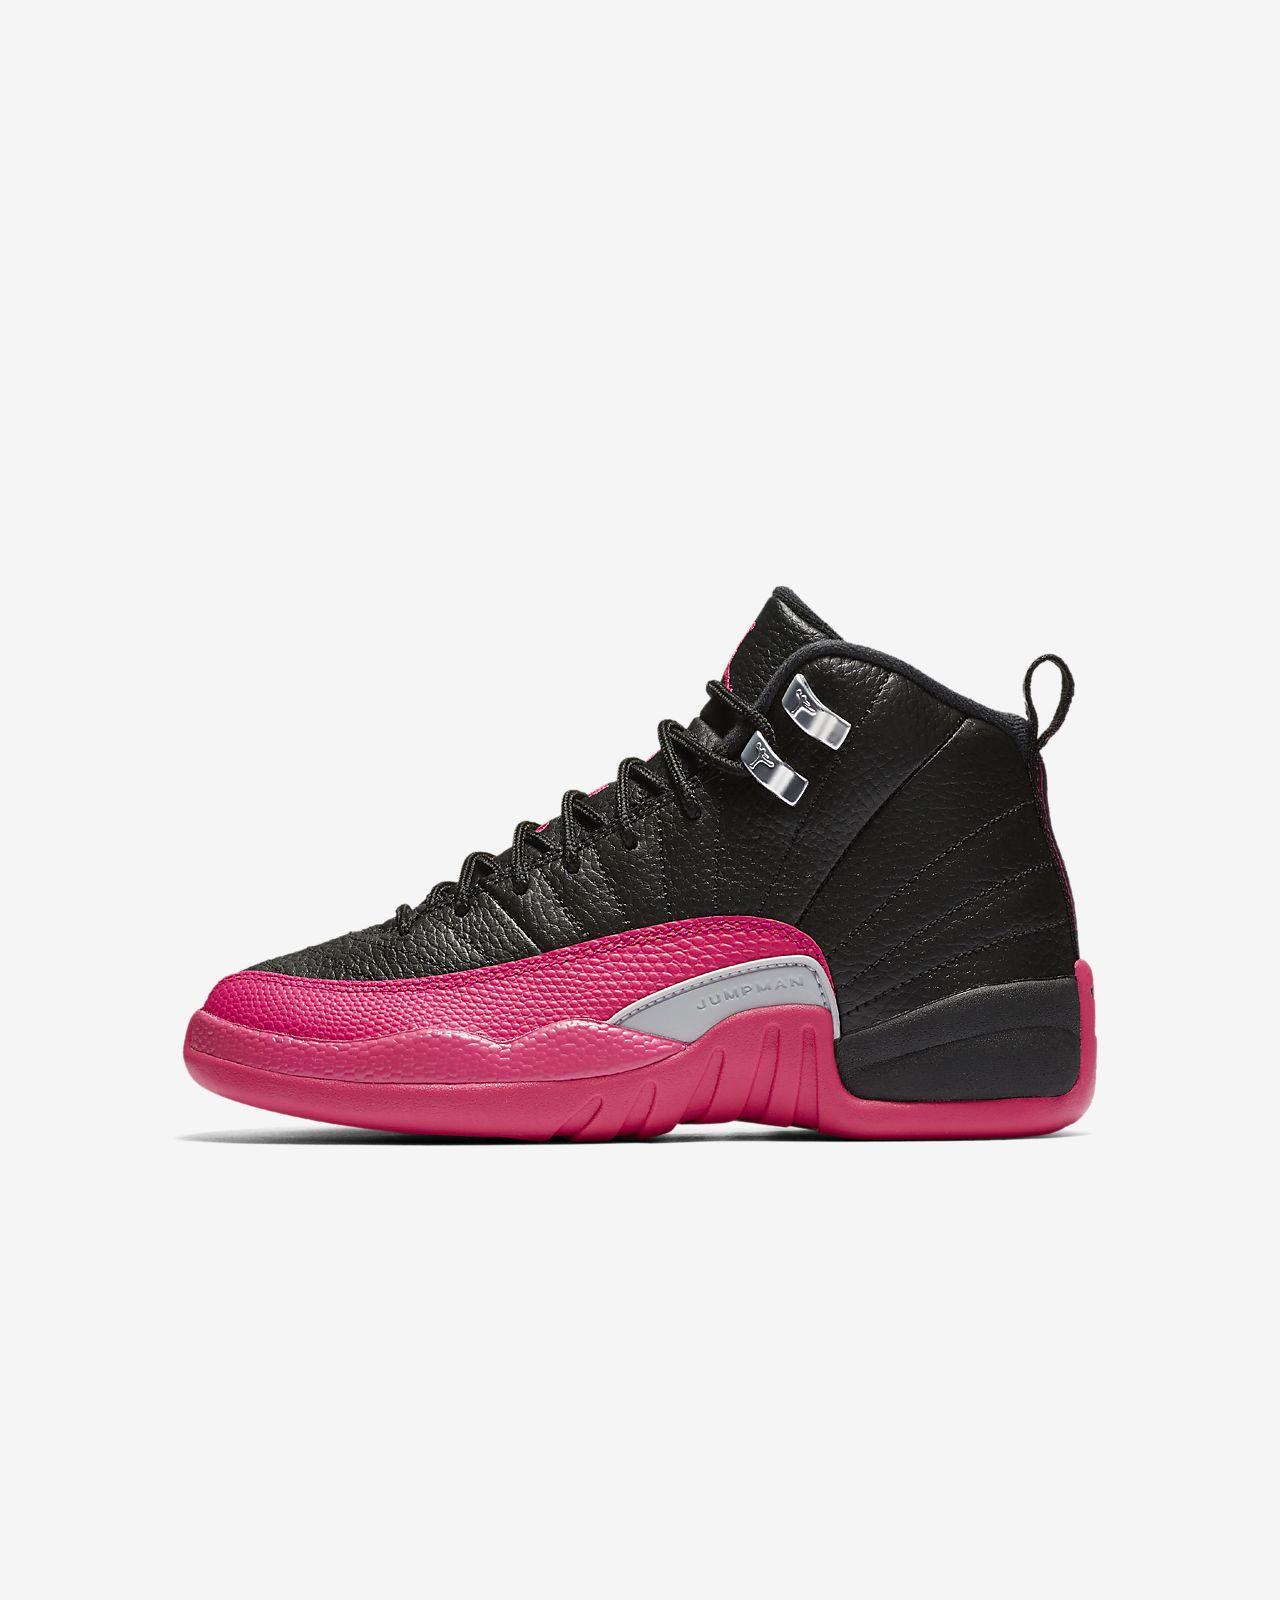 ... Chaussure Air Jordan 12 Retro pour Enfant plus âgé